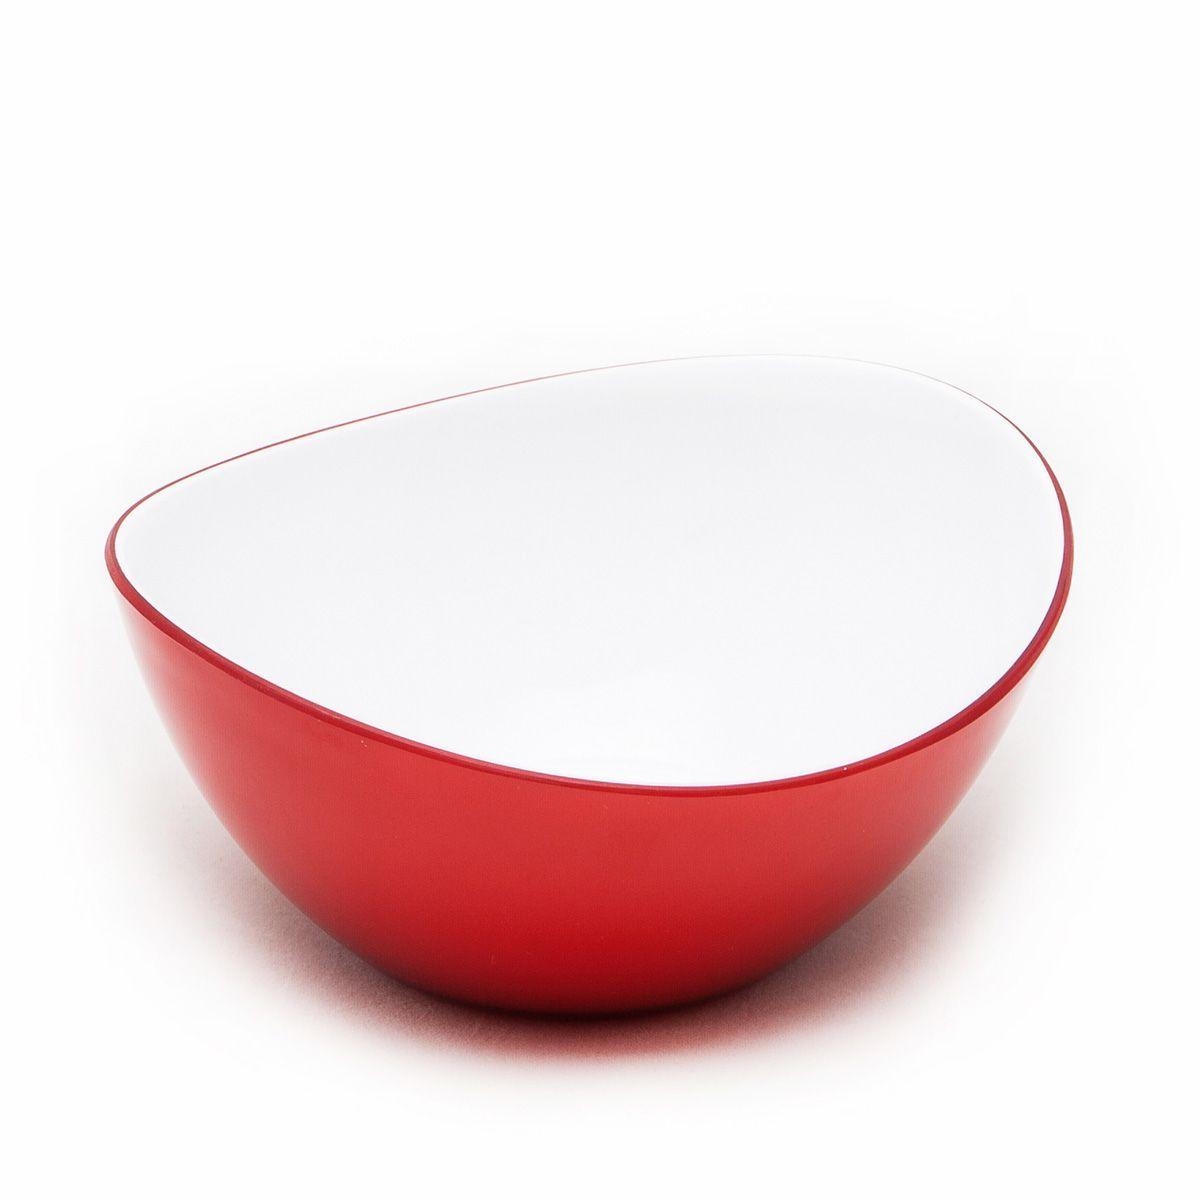 Миска MoulinVilla, цвет: красный, 16 х 14 х 6 см391602Оригинальная миска Moulinvilla, изготовленная из высококачественного акрила, благодаряпривлекательному дизайну выполняет не только практичную, но и декоративную функцию. Белый цвет внутренней поверхности и сочный, интенсивный цвет снаружи отлично контрастируют, привлекая к себе внимание.Миска подойдет для сервировки салатов, фруктов, закусок, десертов, печенья, сладостей и других продуктов.Подходит для мытья в посудомоечной машине.